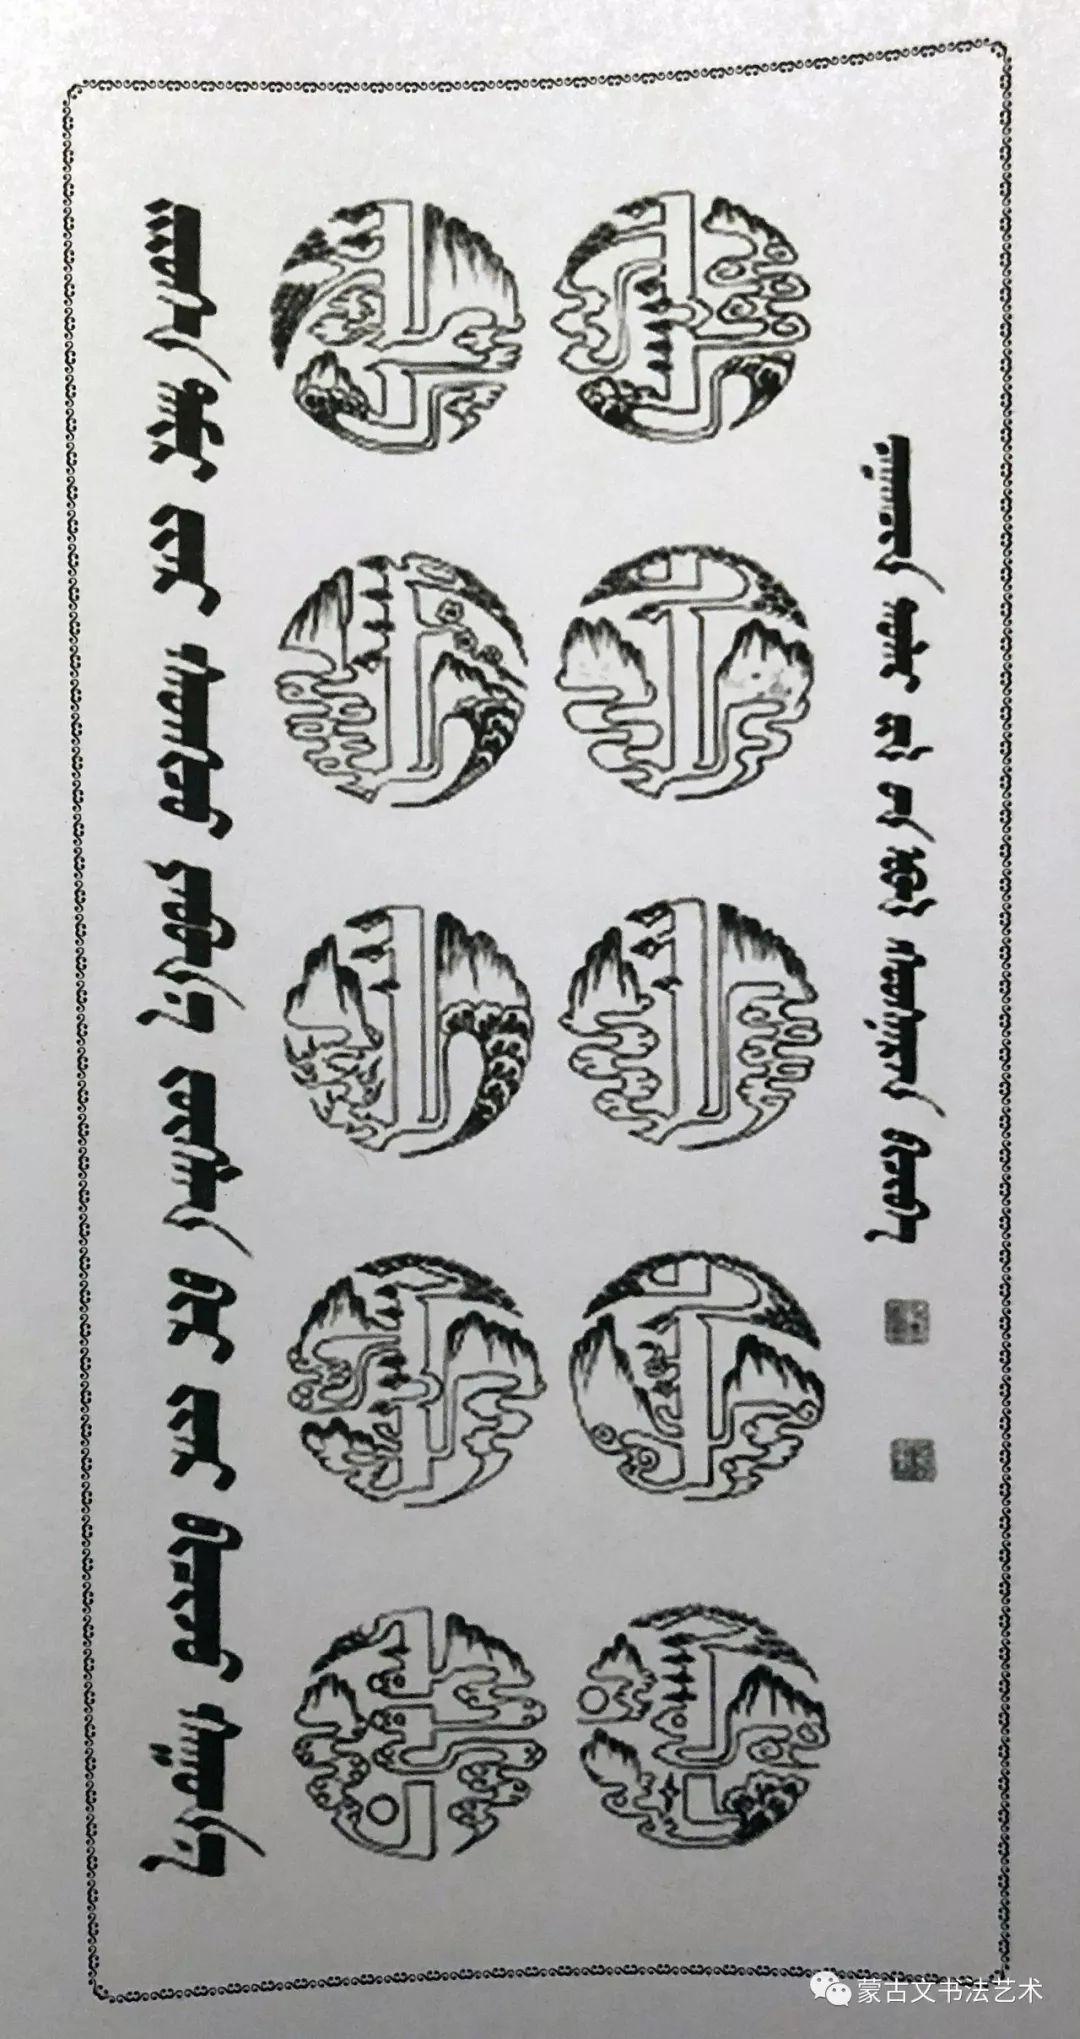 蒙古文书法导论 第15张